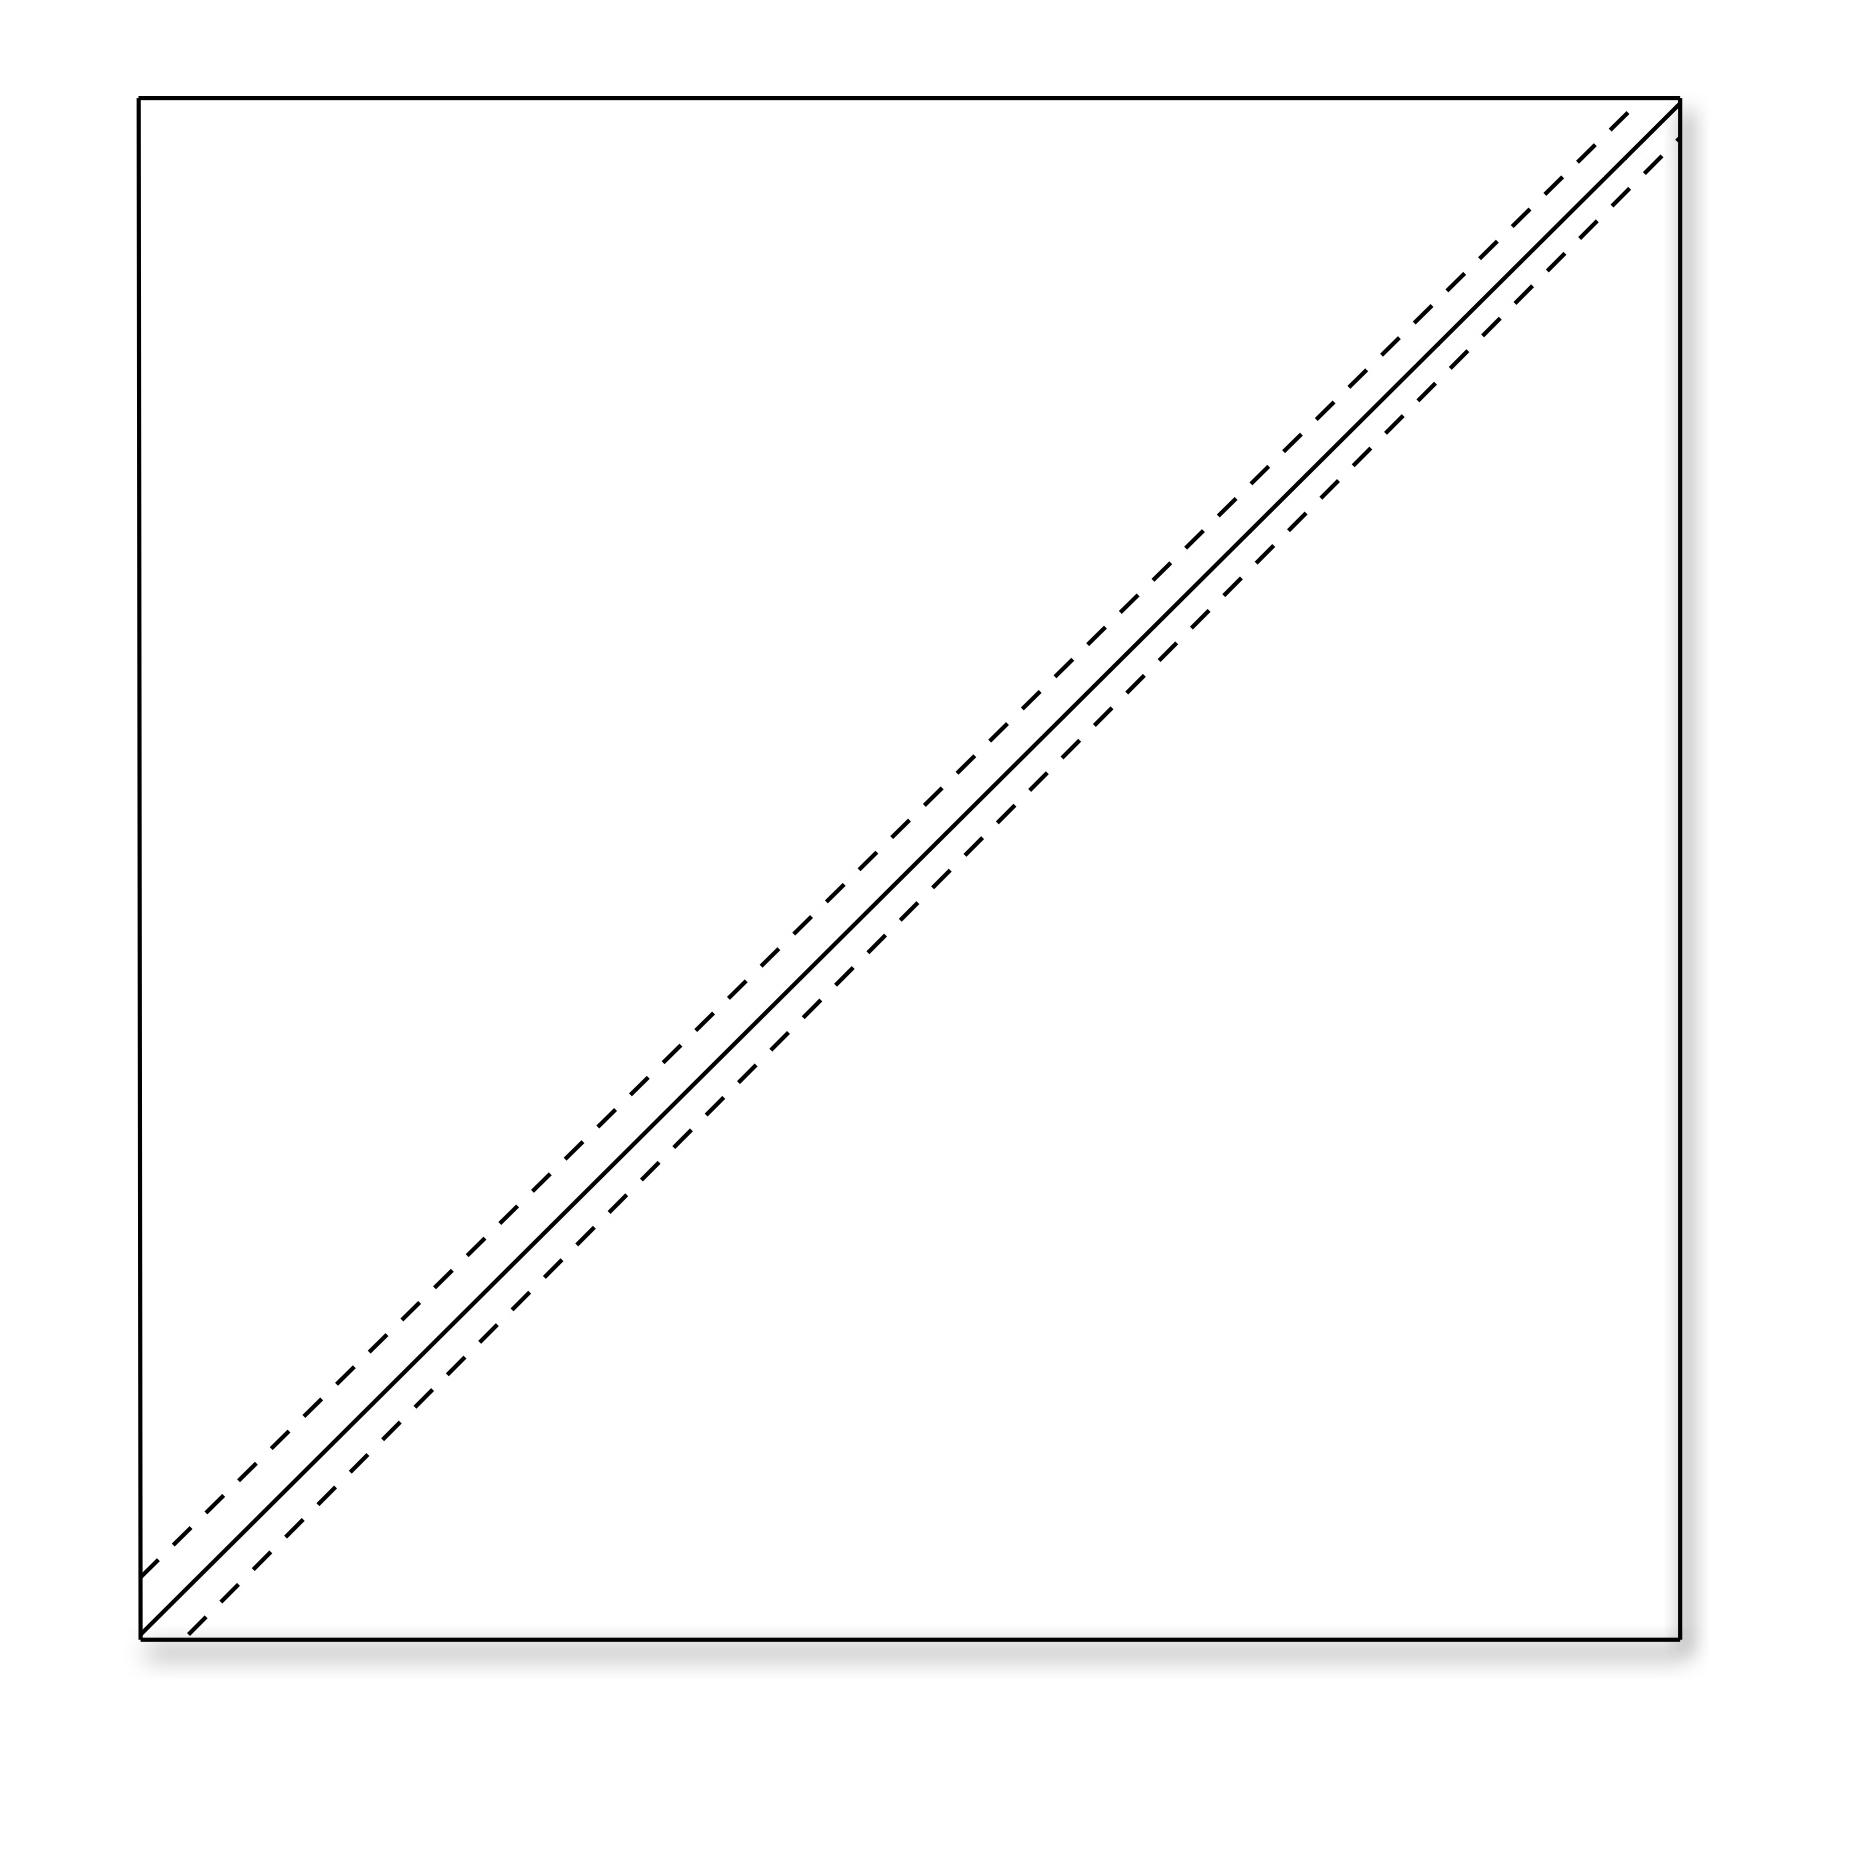 Making Half Square Triangles